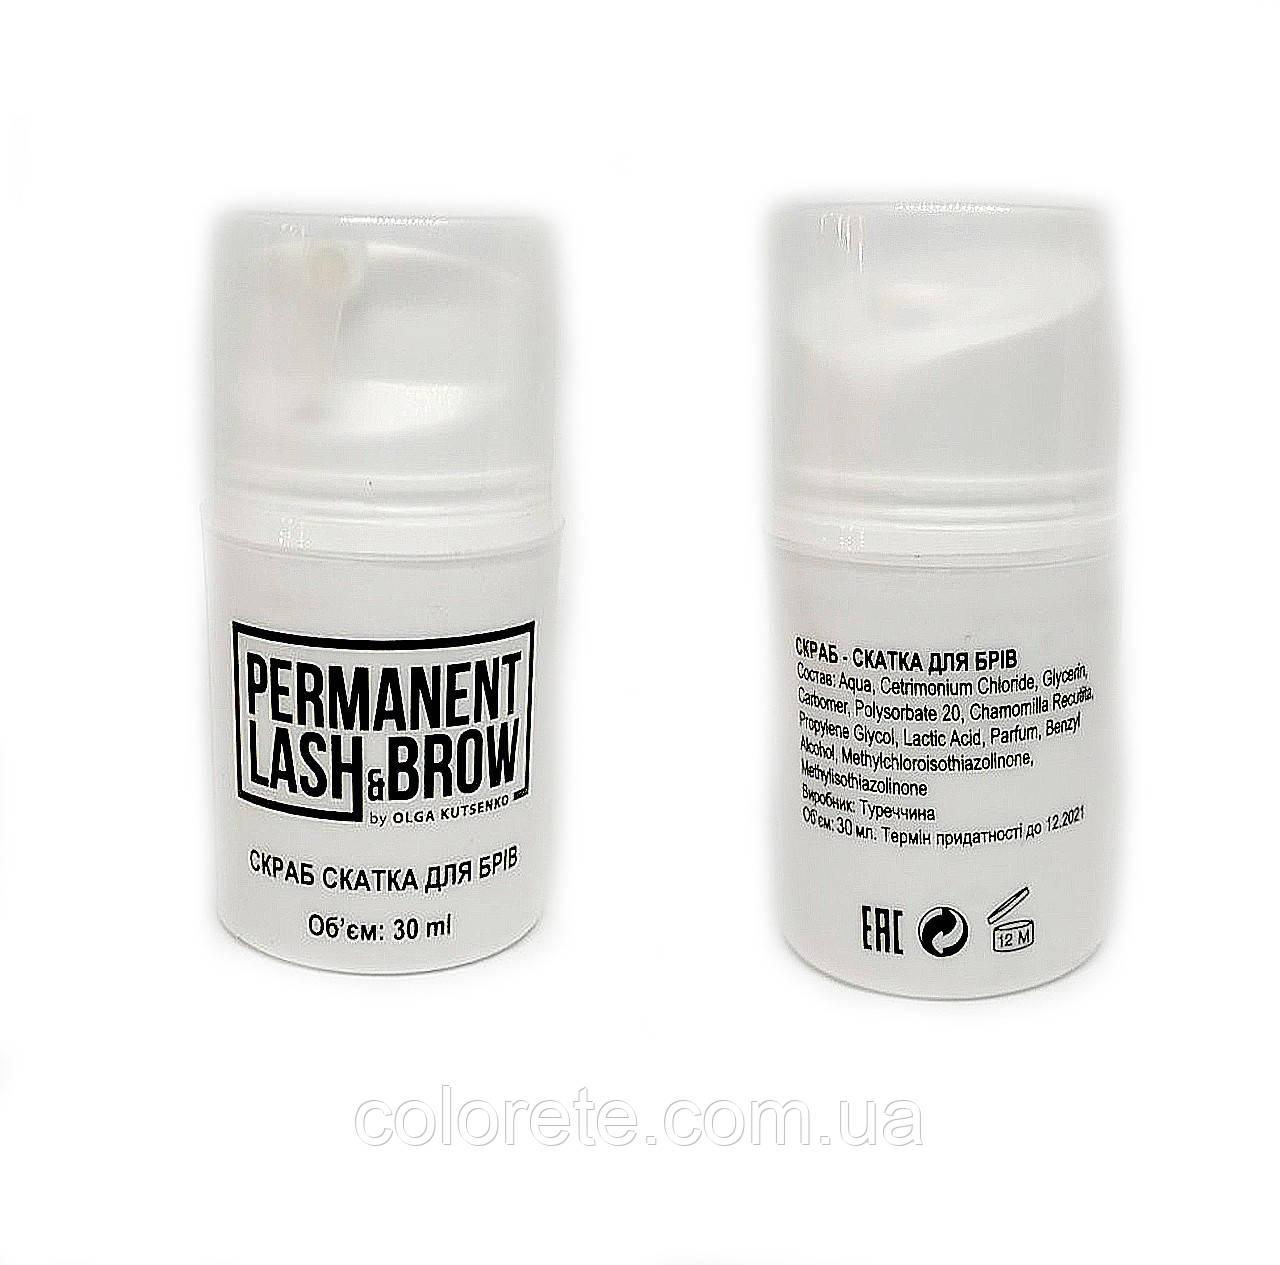 Скраб-скатка Permanent lash&brow с дозатором, 30 мл.